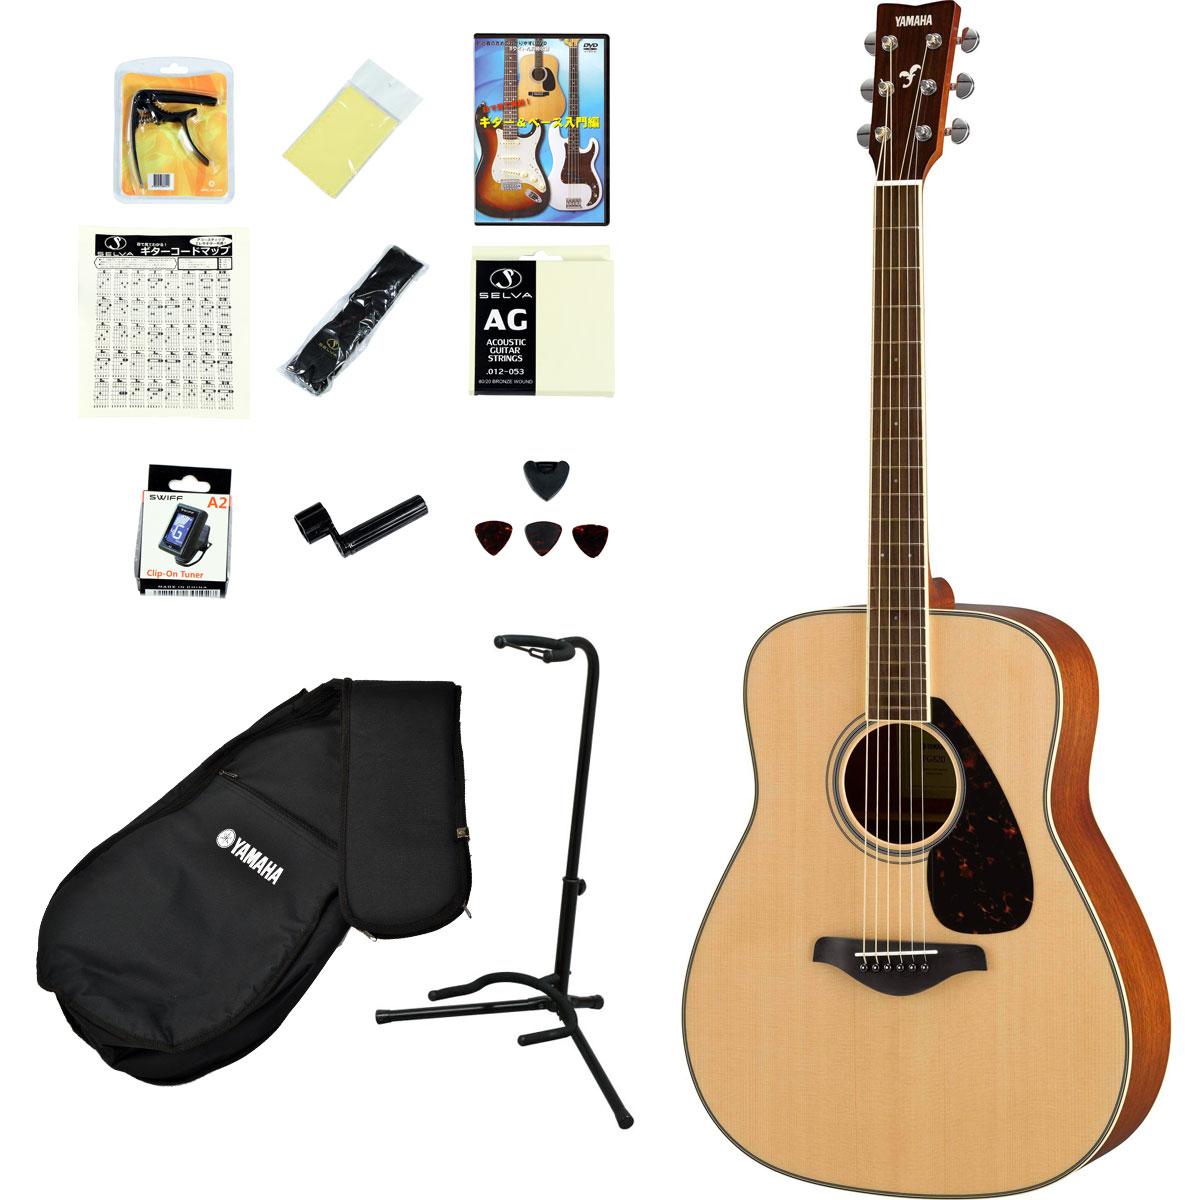 YAMAHA / FG820 NT(ナチュラル) 【アコースティックギター14点入門セット!】 ヤマハ フォークギター アコギ FG-820 入門 初心者【YRK】